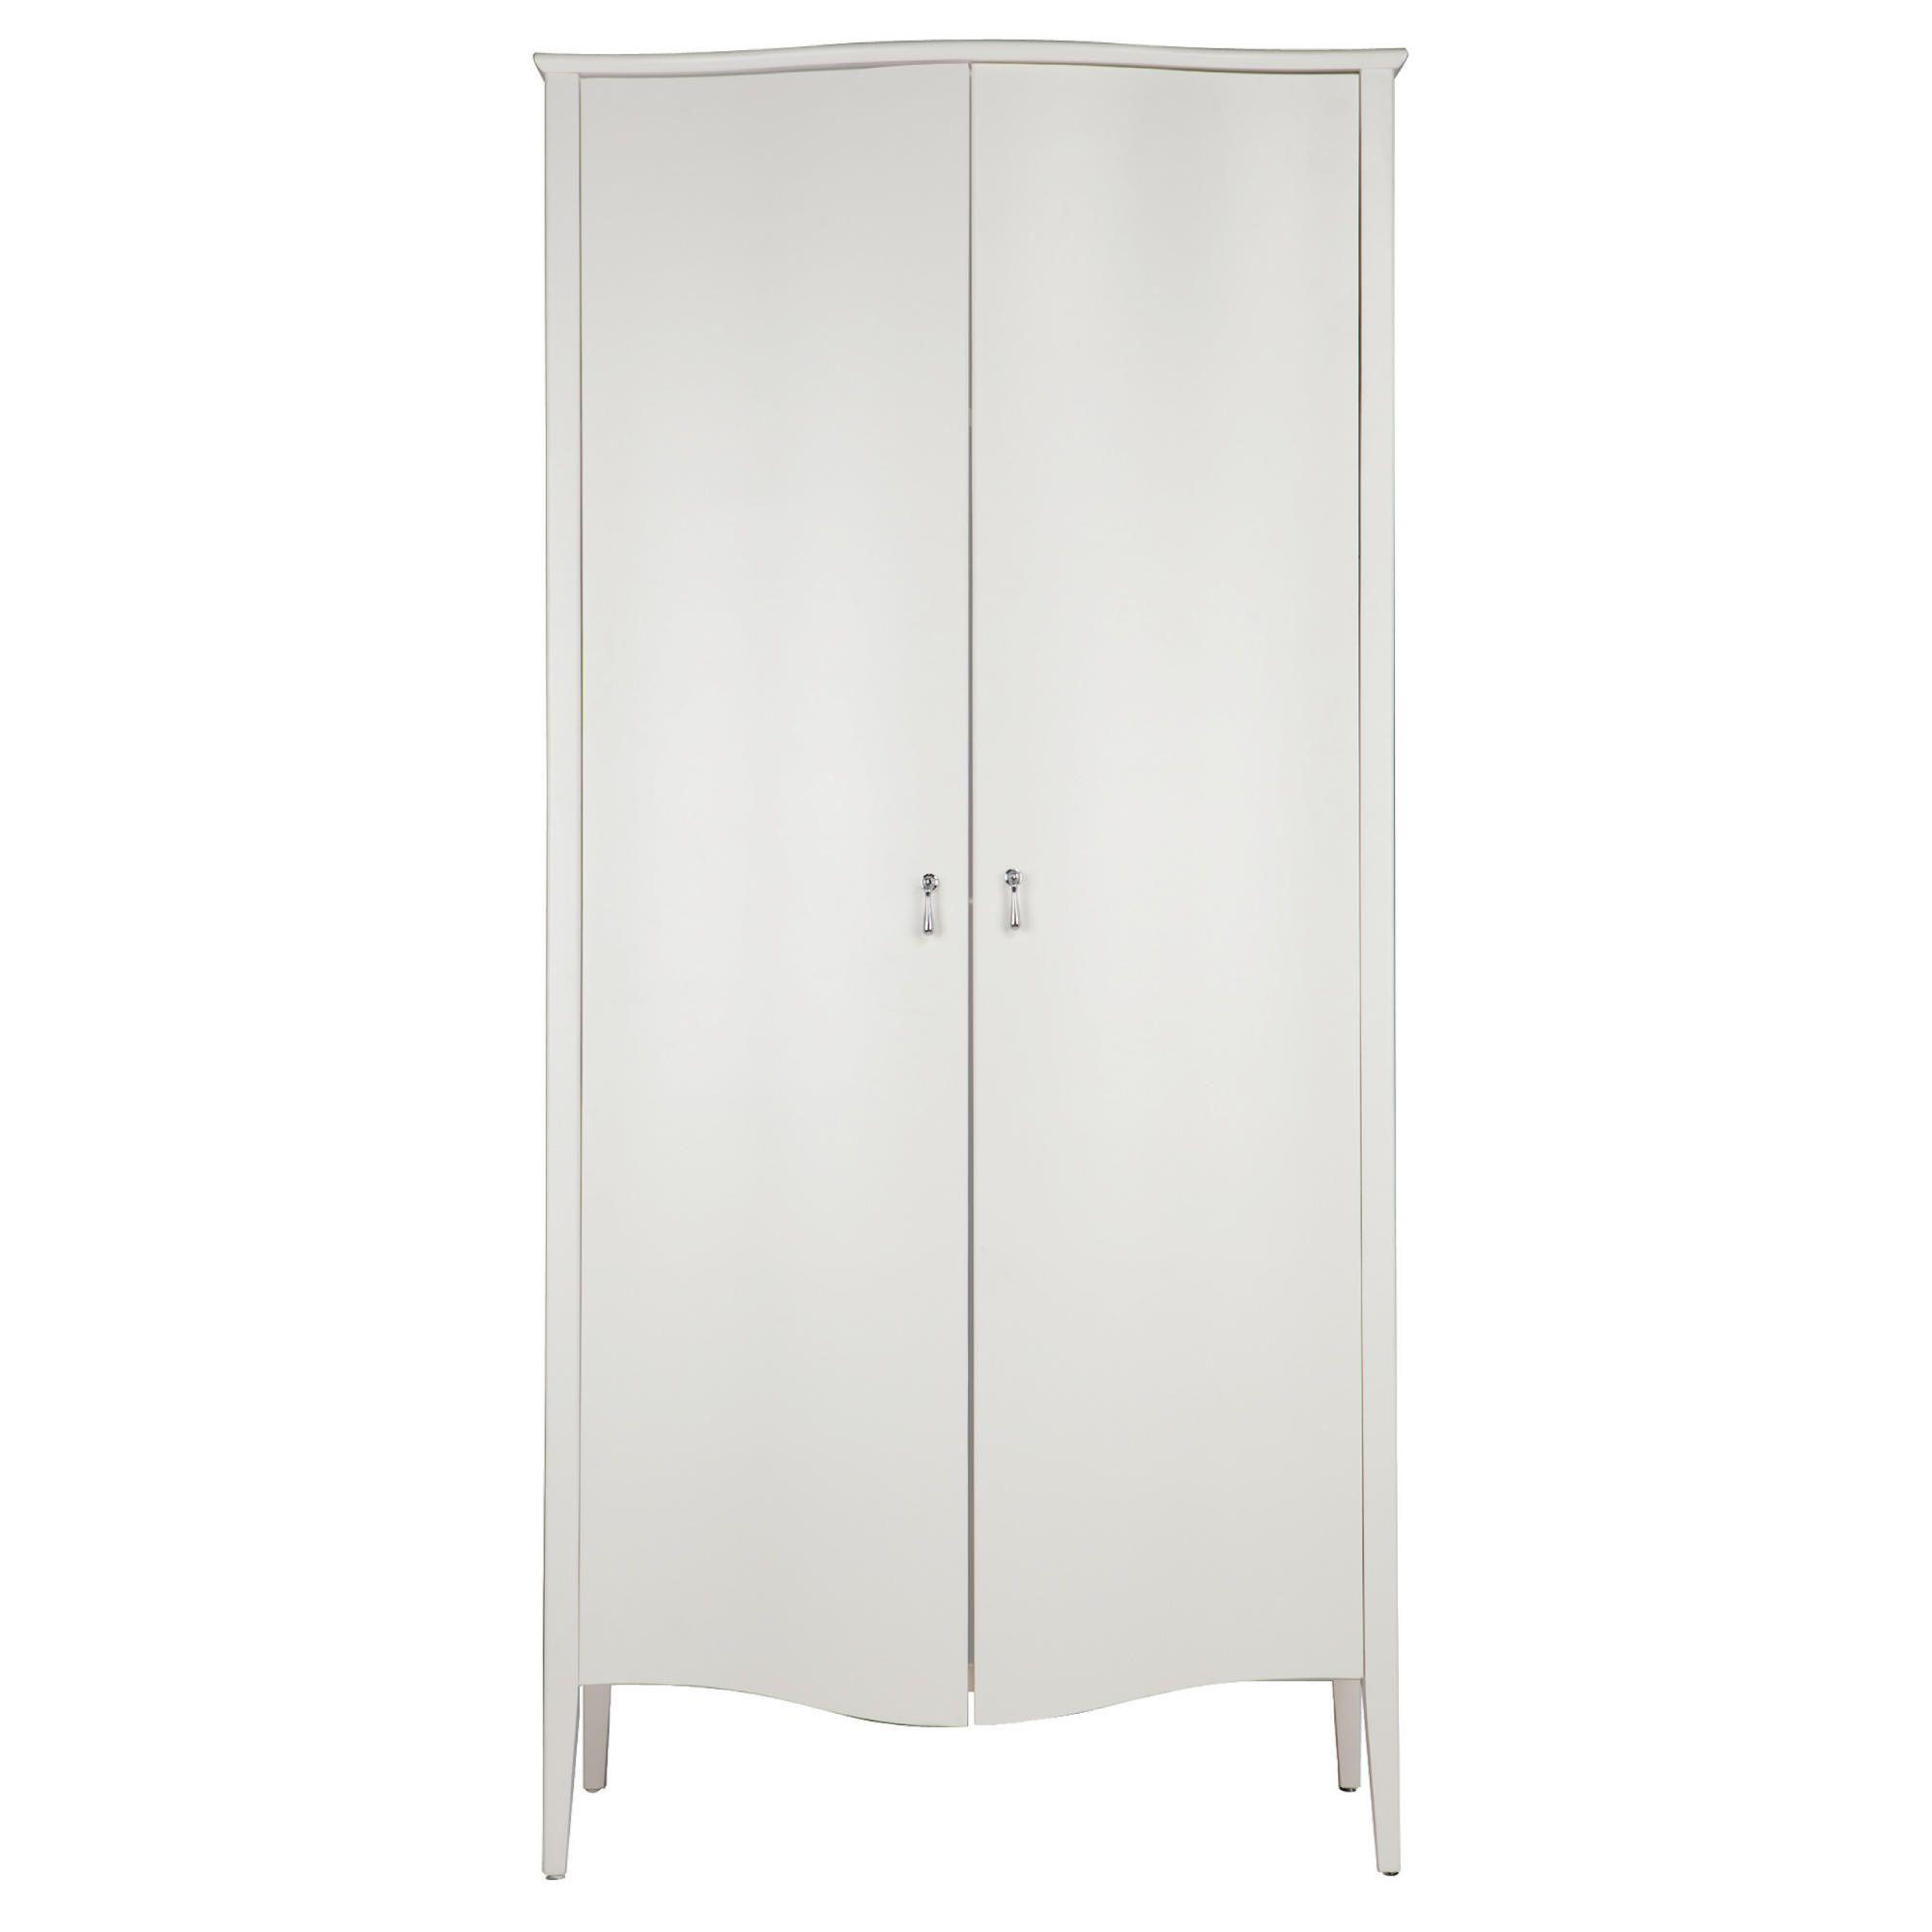 Rochelle 2 Door Wardrobe at Tesco Direct